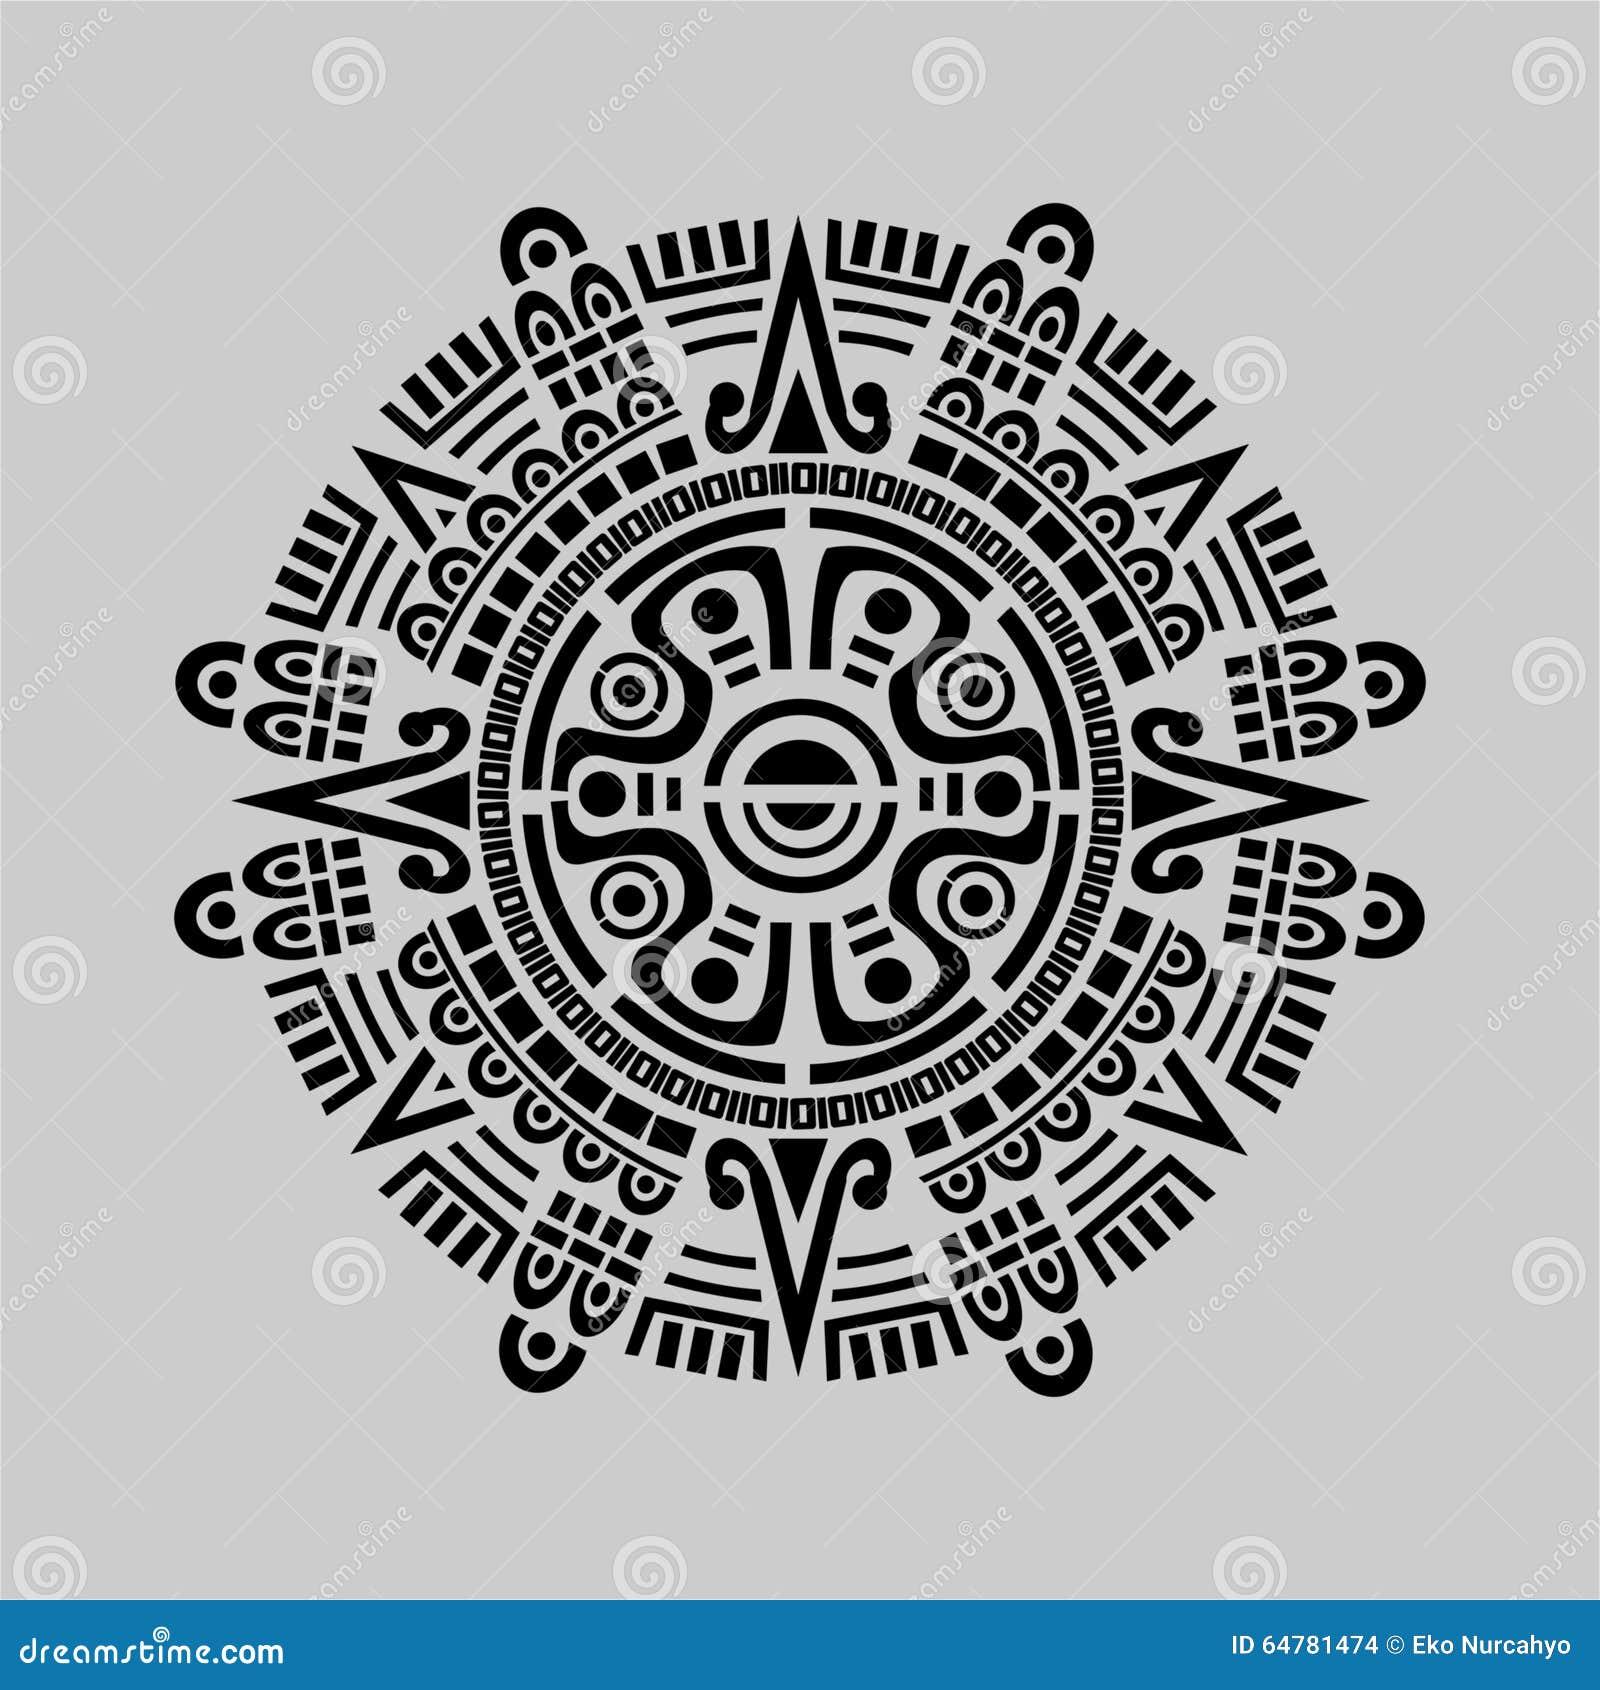 Mayan Calendar Vector Stock Vector - Image: 64781474